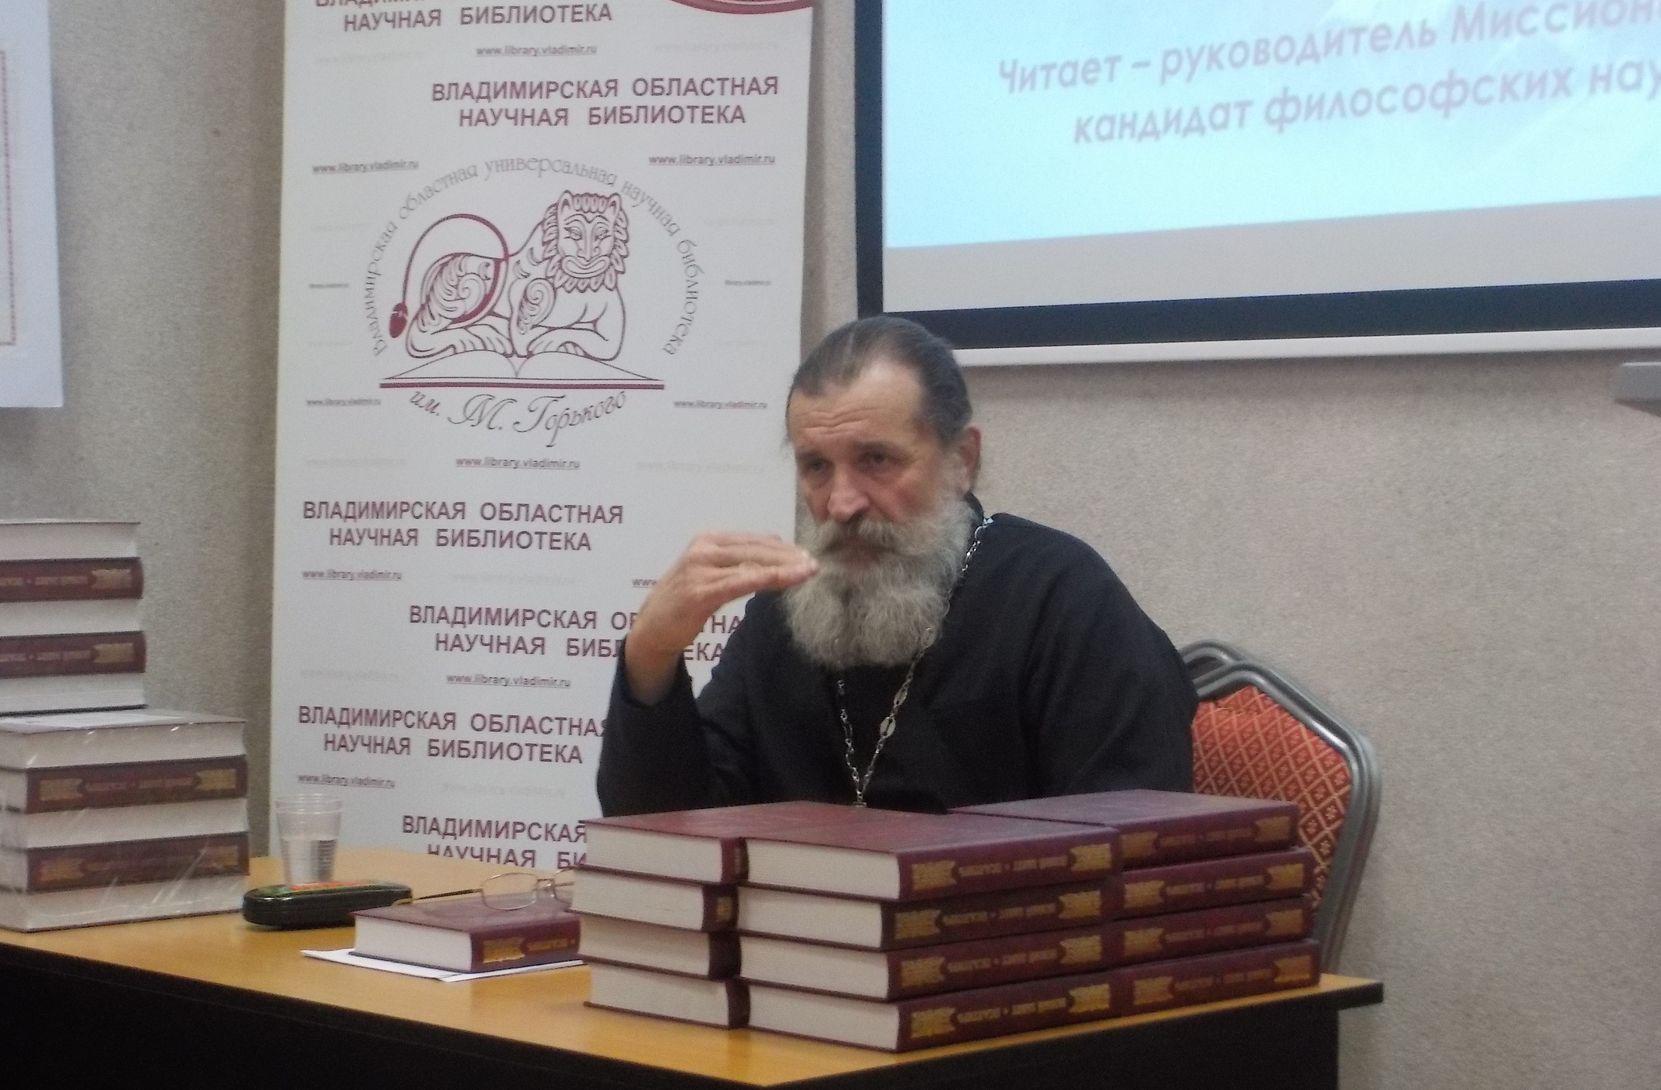 Лекция. Аркадий Маковецкий читает лекцию о Рождестве